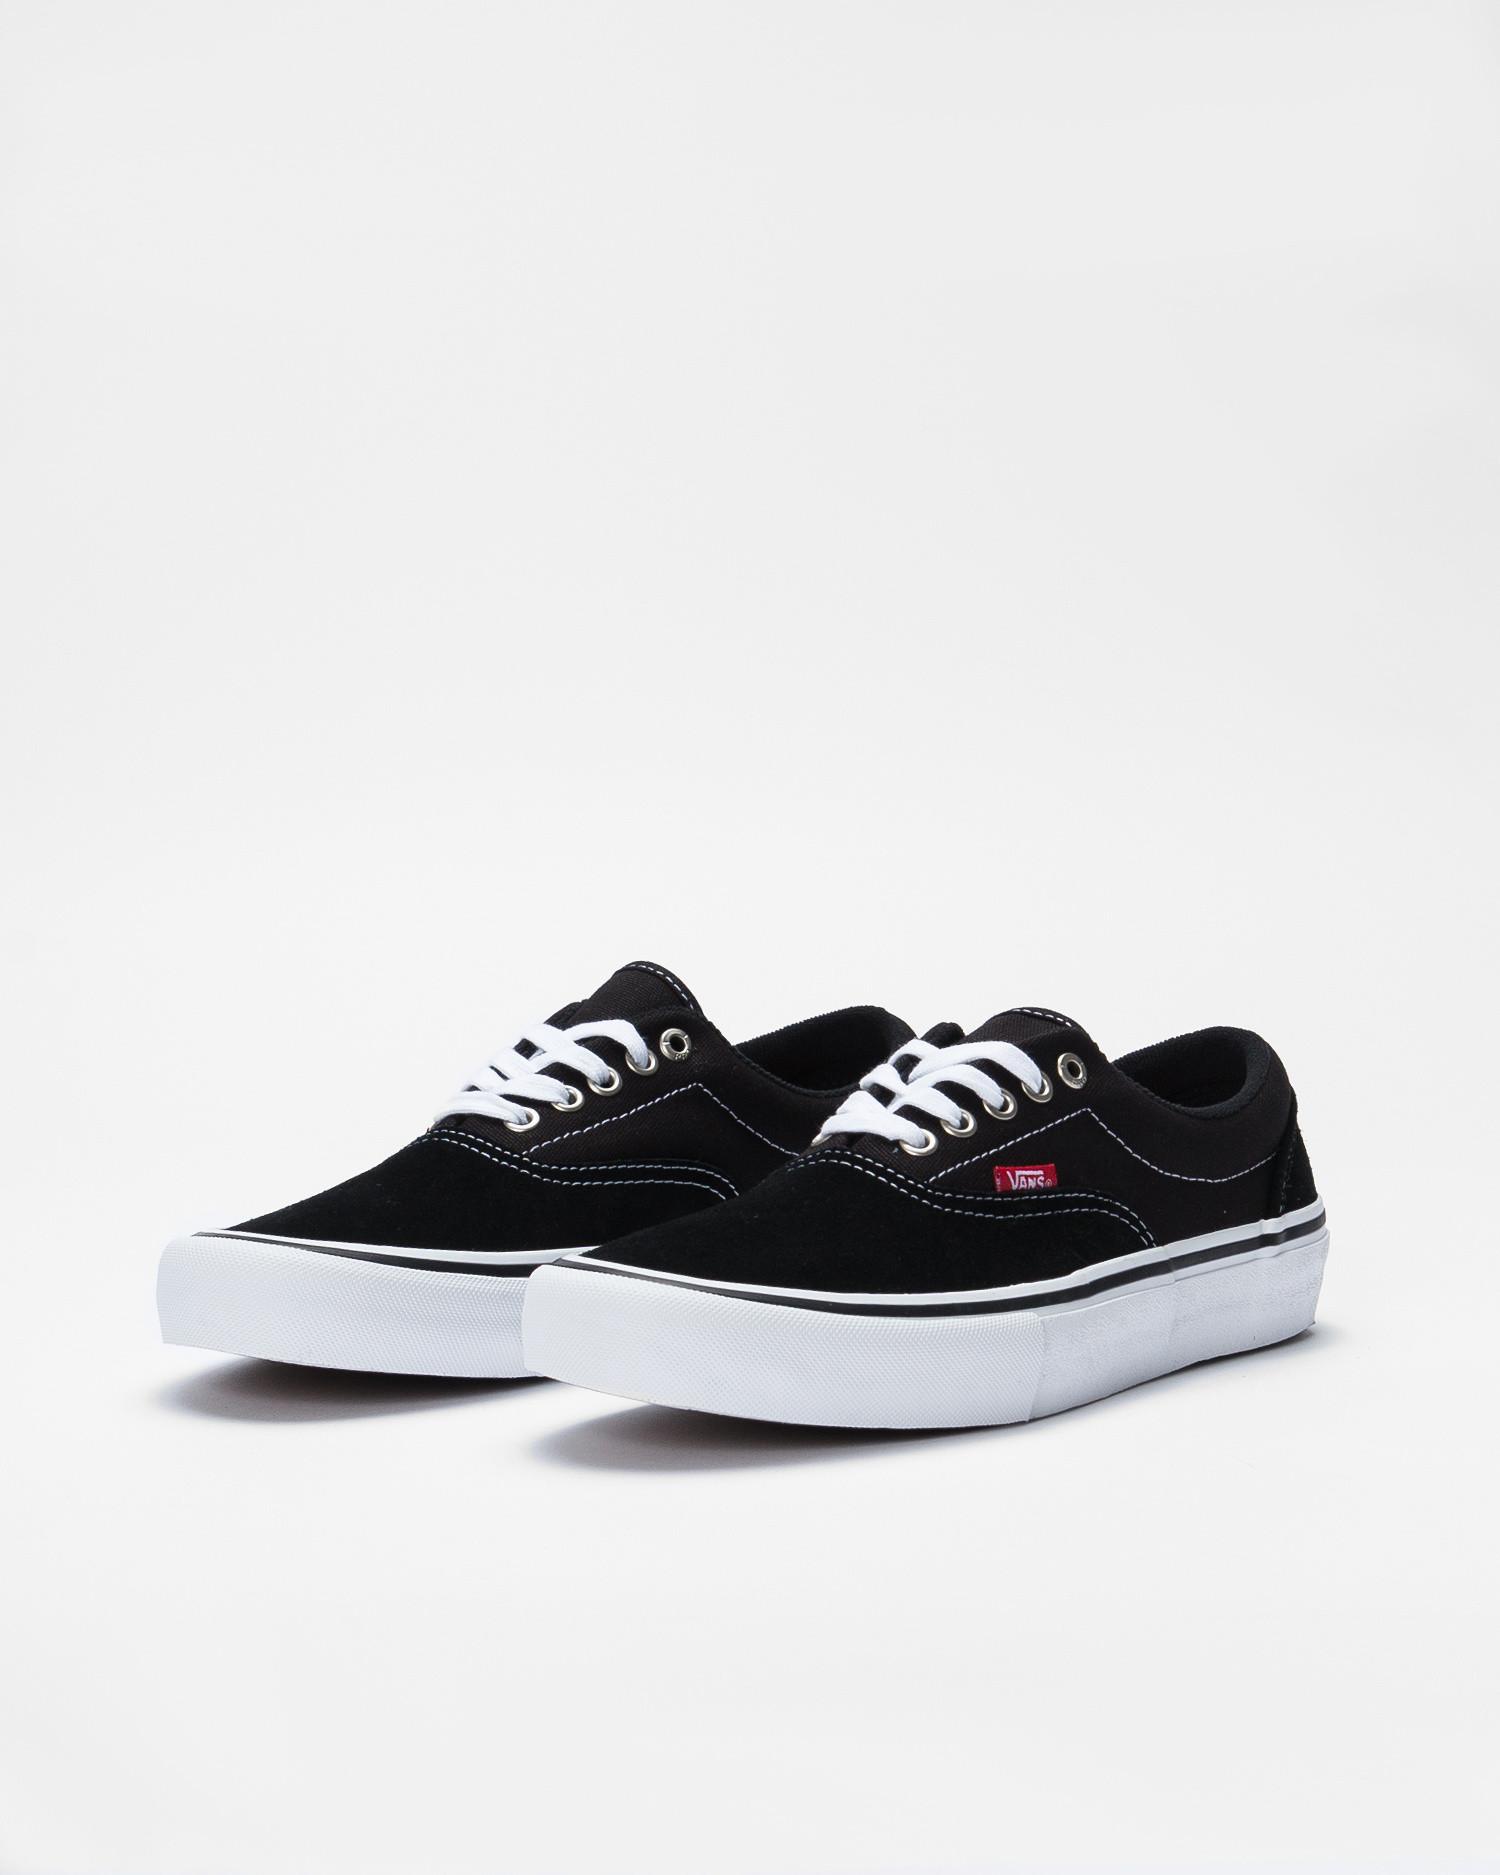 Vans MN Era Pro Black/White/Gum